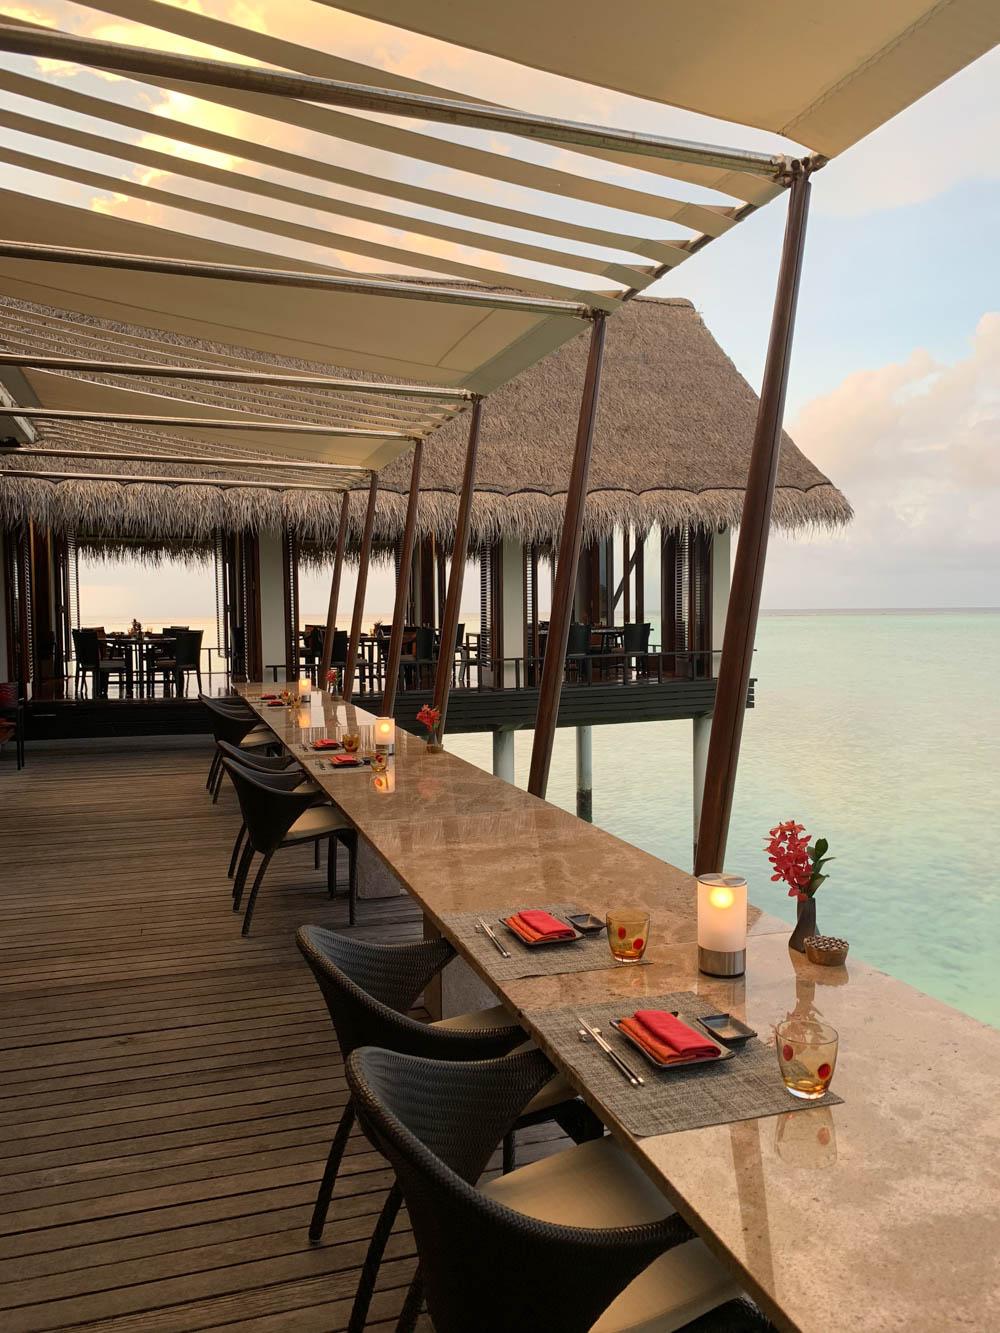 Maldives_Resort_Honeymoon_OneandOnly_MaldivesTravelAdvisor-21.jpg